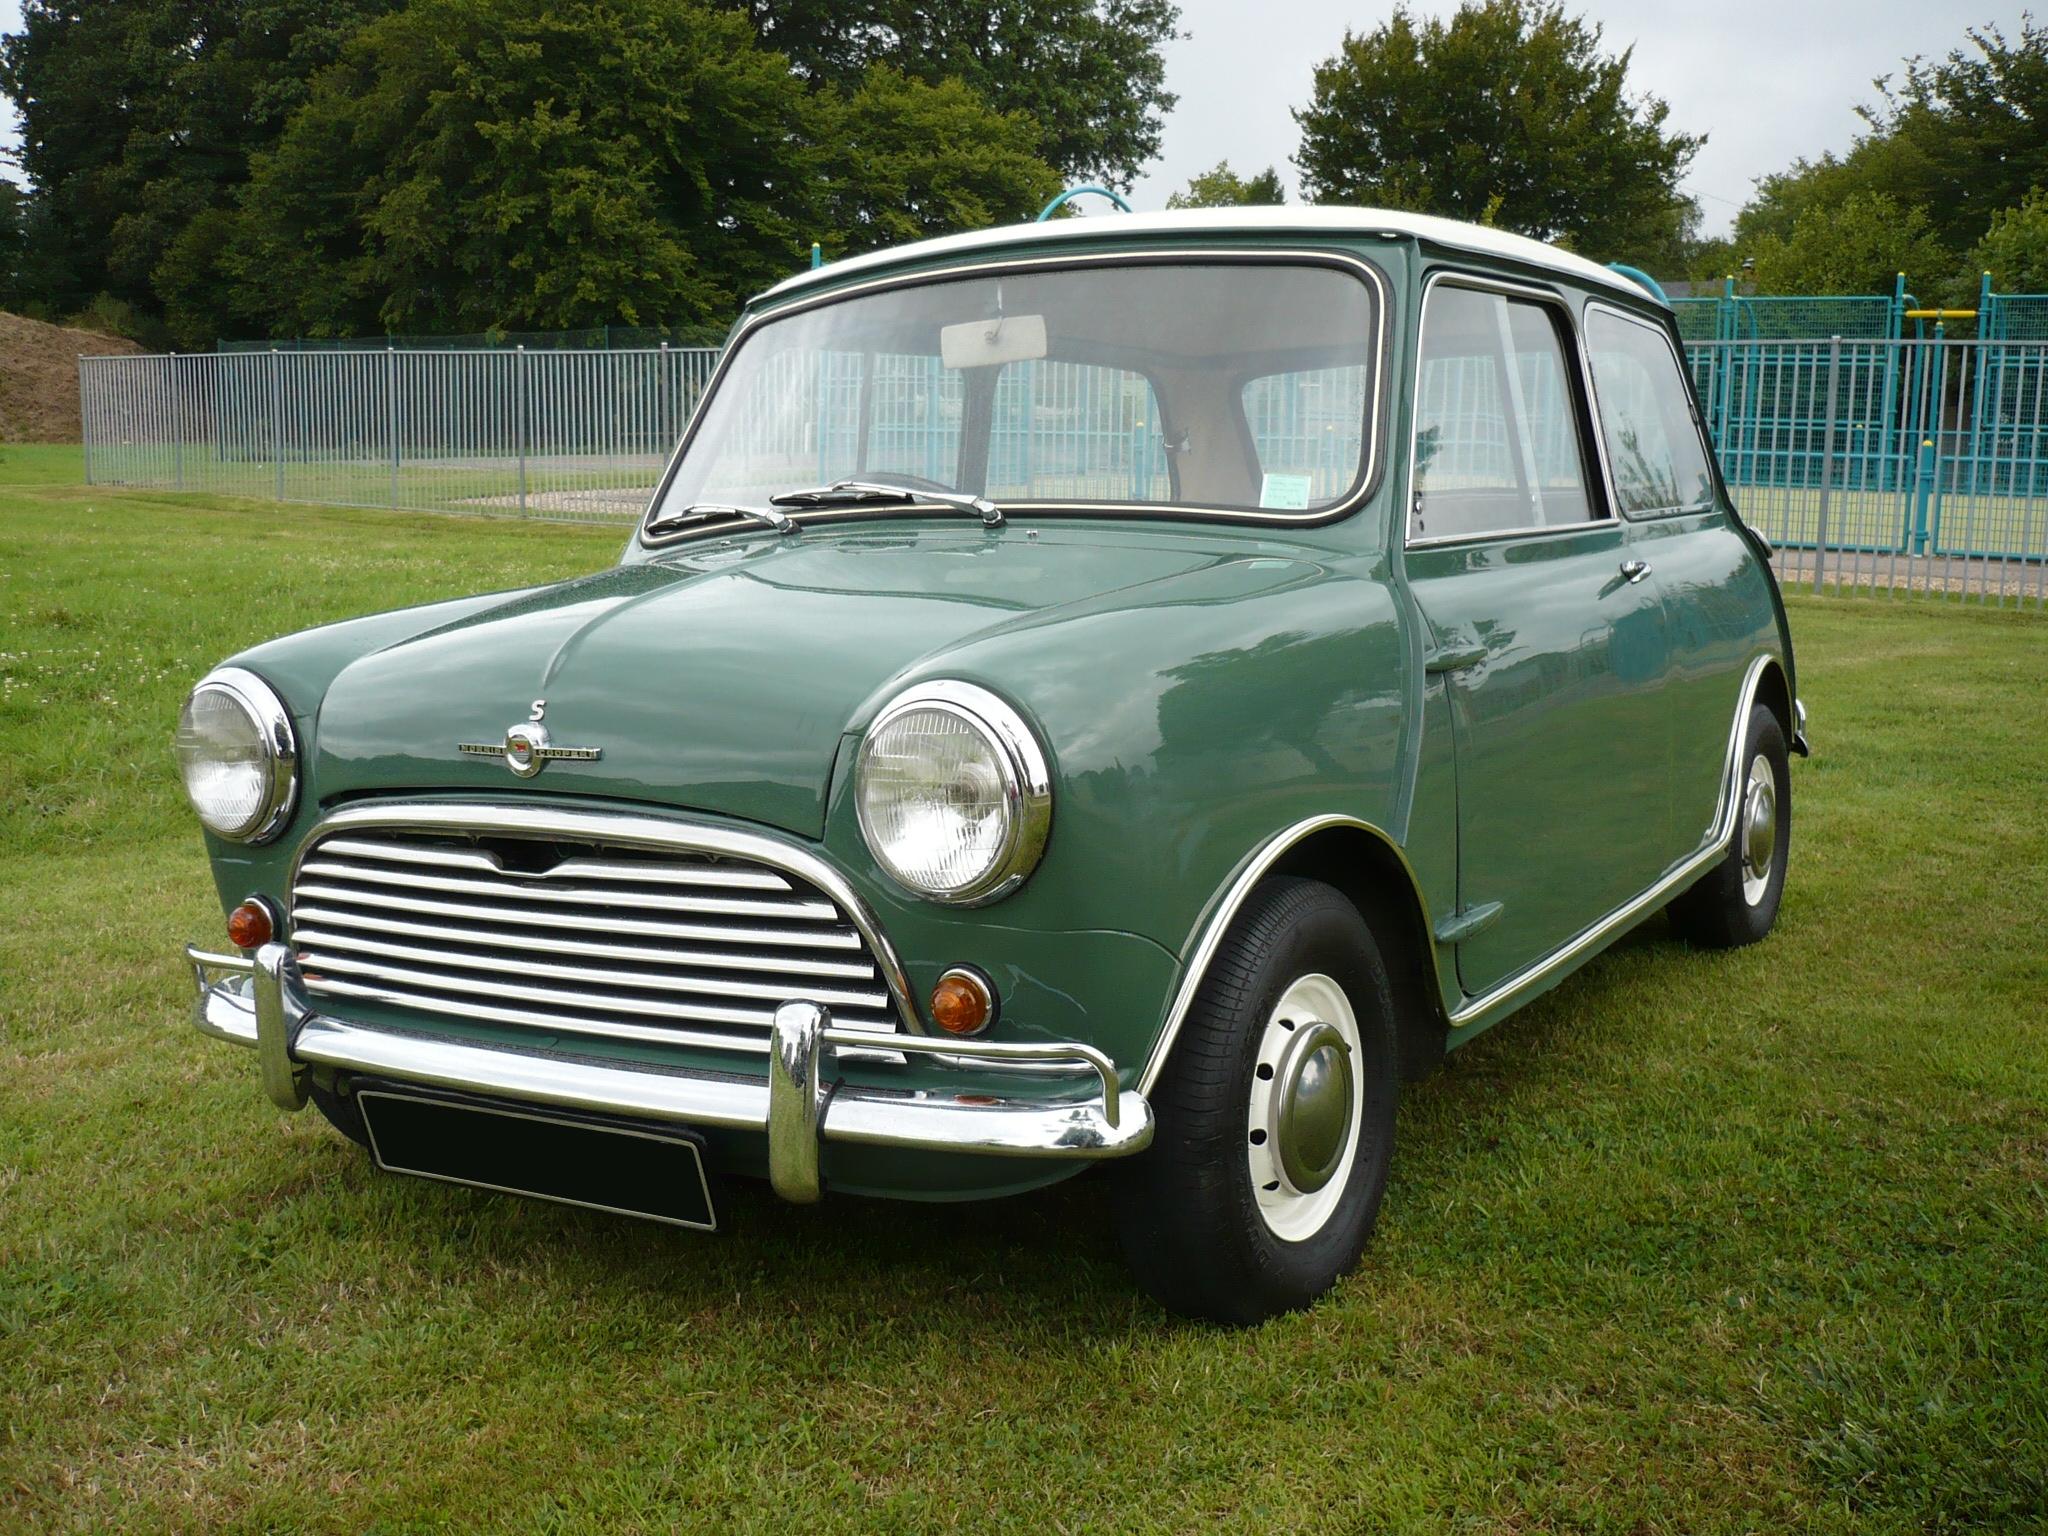 1964 morris mini cooper s mark i 1071cc classic driver market. Black Bedroom Furniture Sets. Home Design Ideas